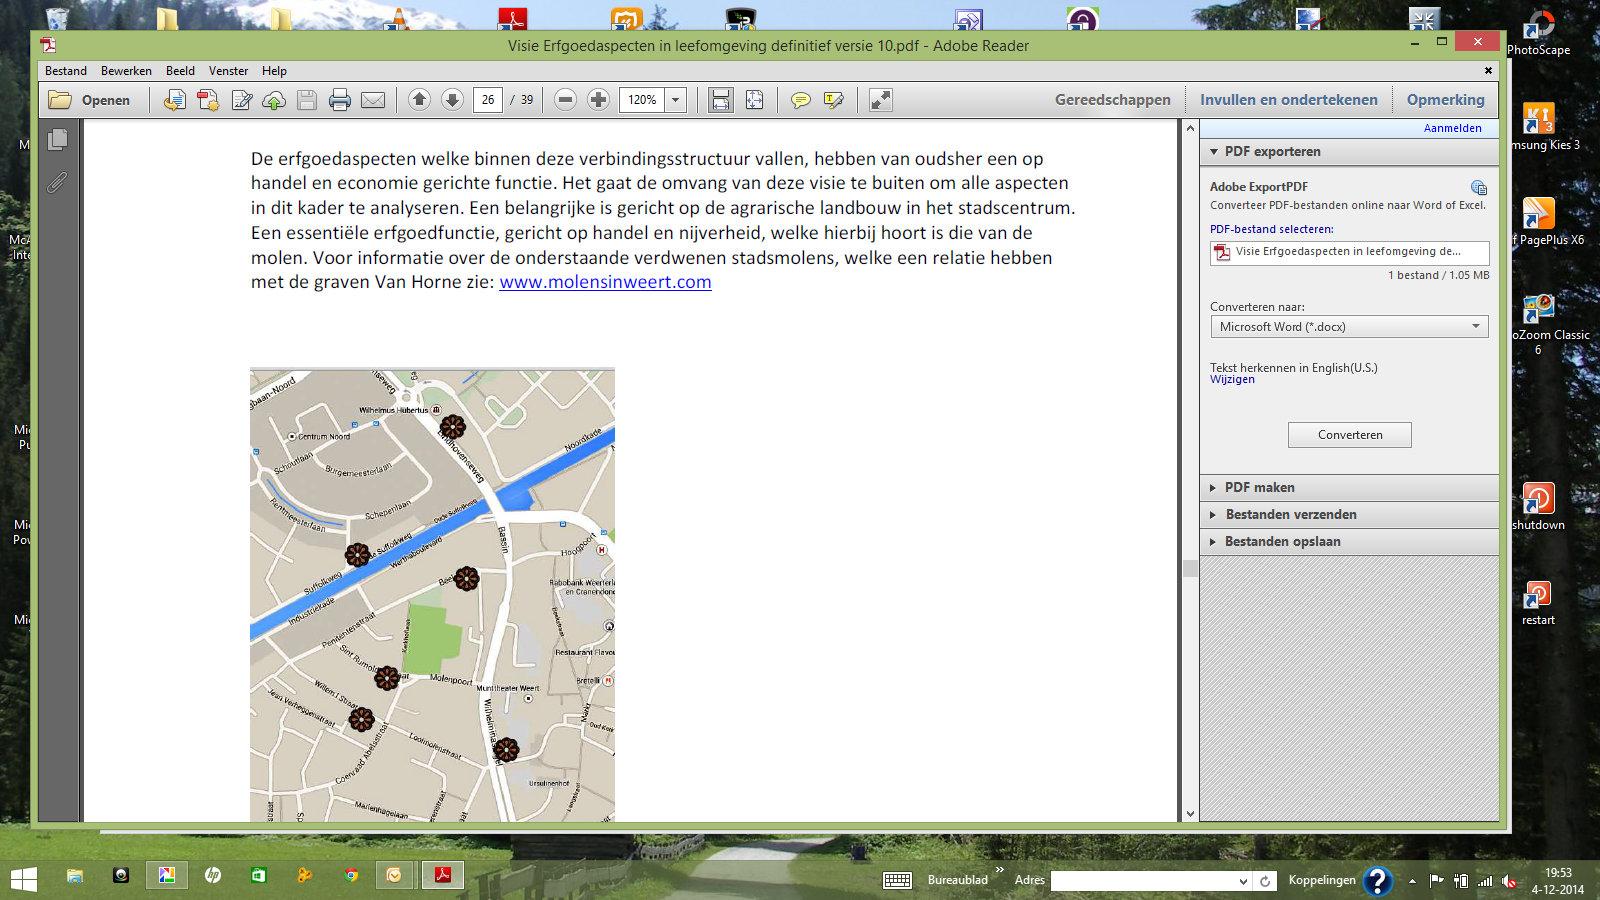 Vastleggen in volledig scherm 4-12-2014 195325